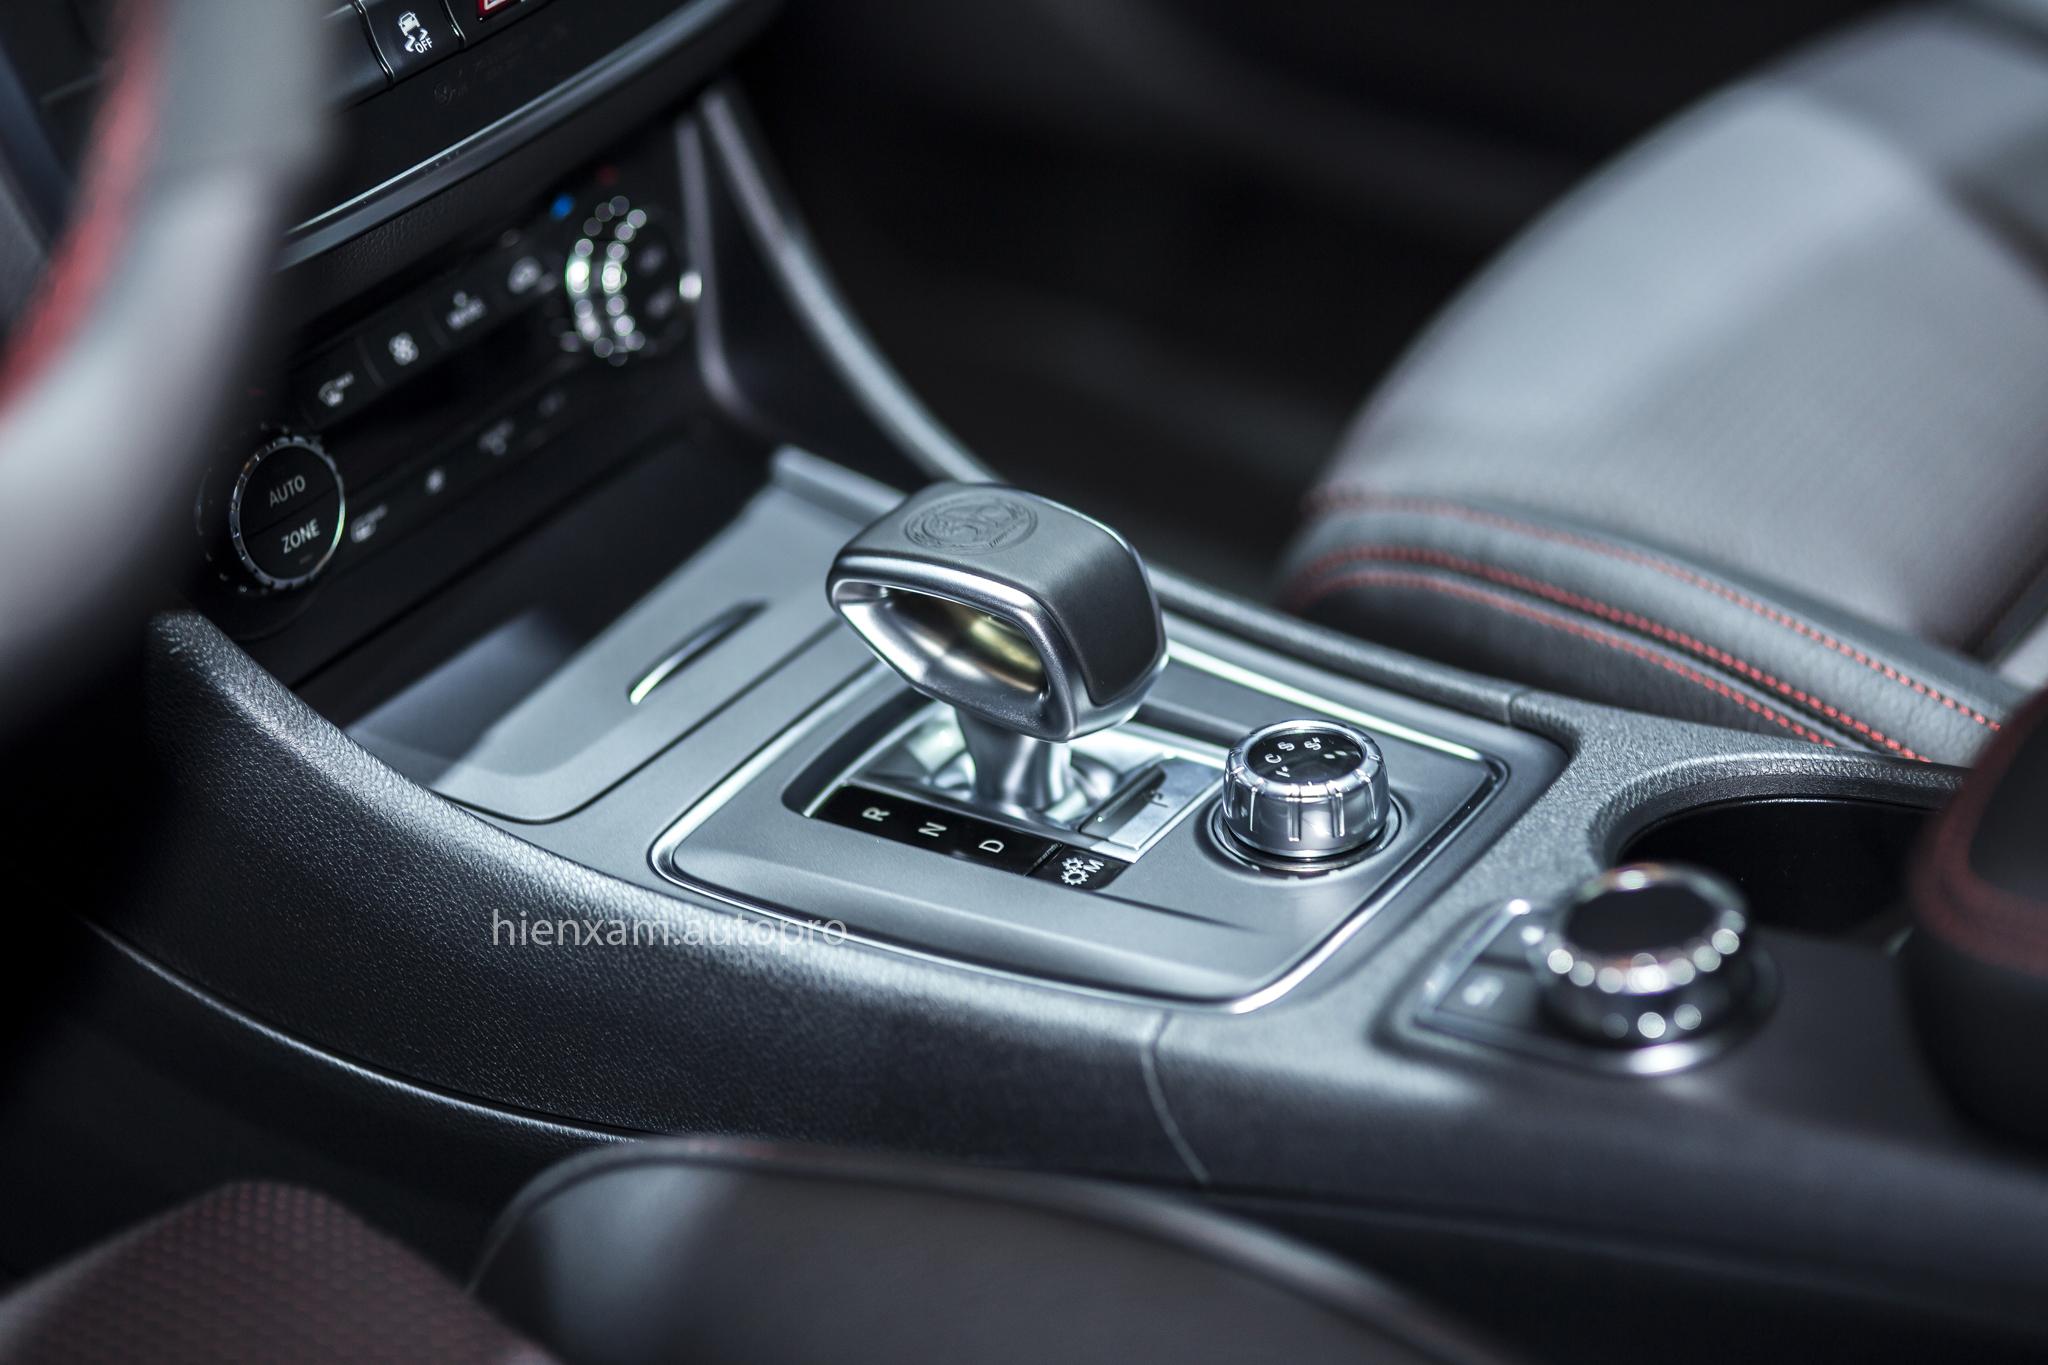 Cận cảnh Mercedes-Benz GLA 45 AMG giá 2,279 tỉ đồng - Ảnh 9.